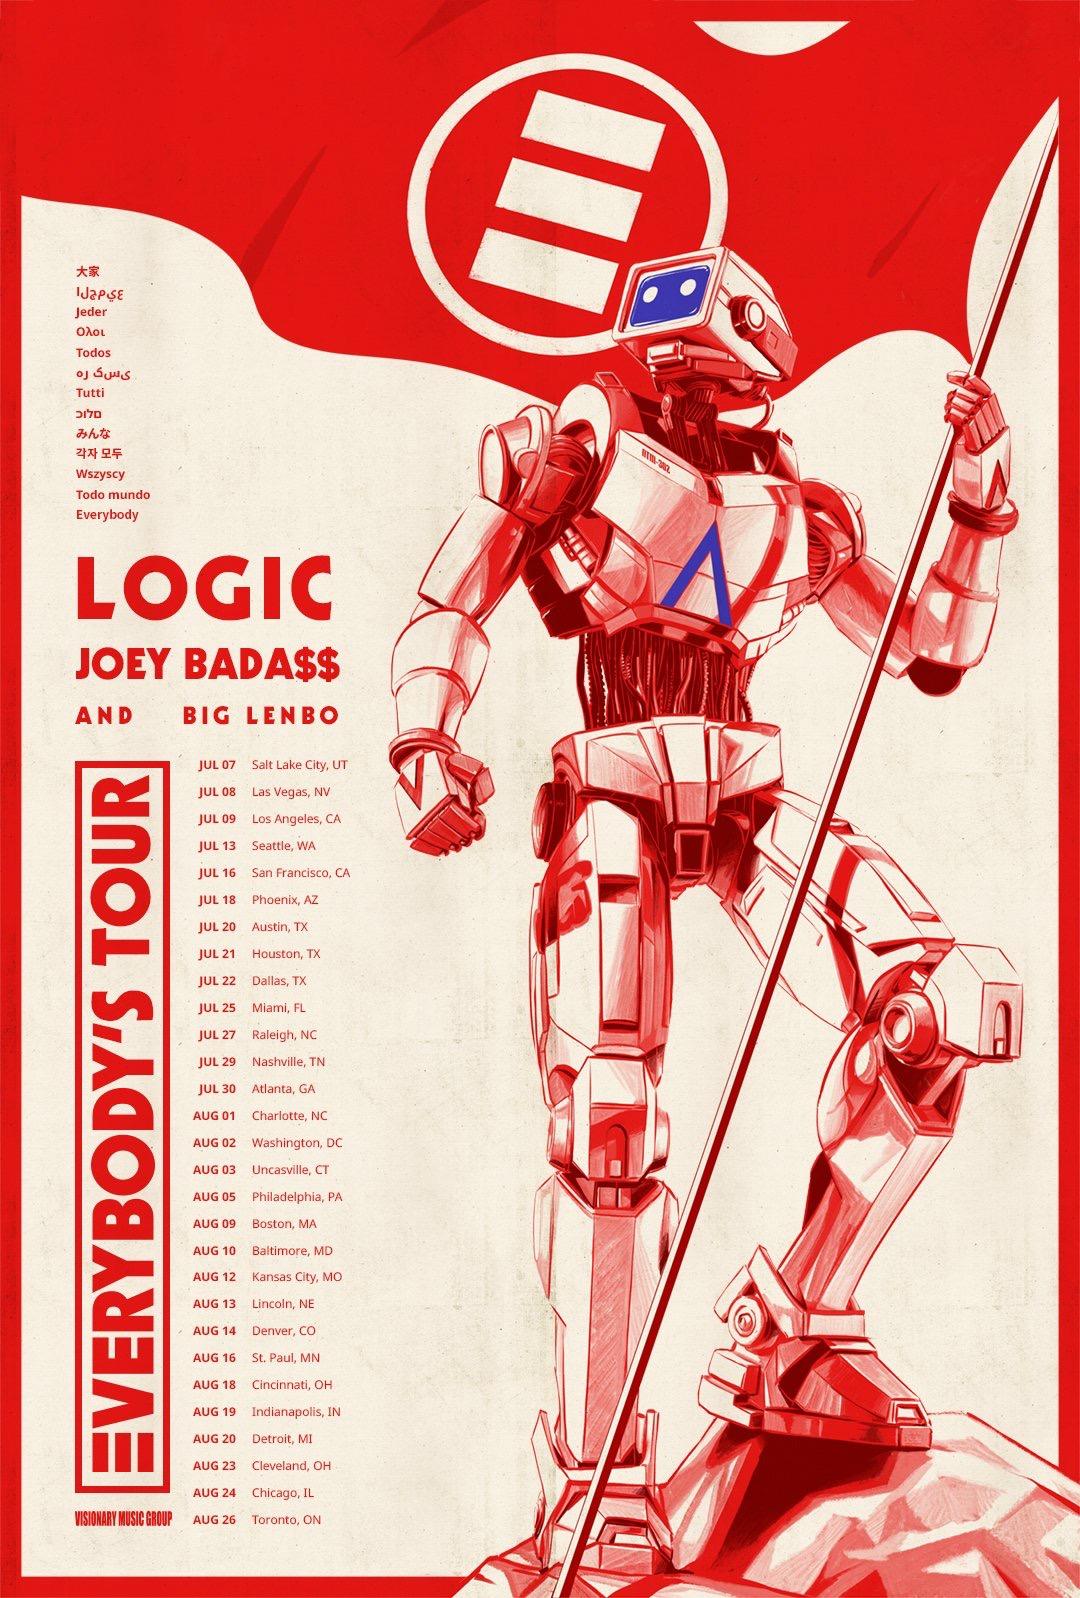 Logic And Joey Badass Tour